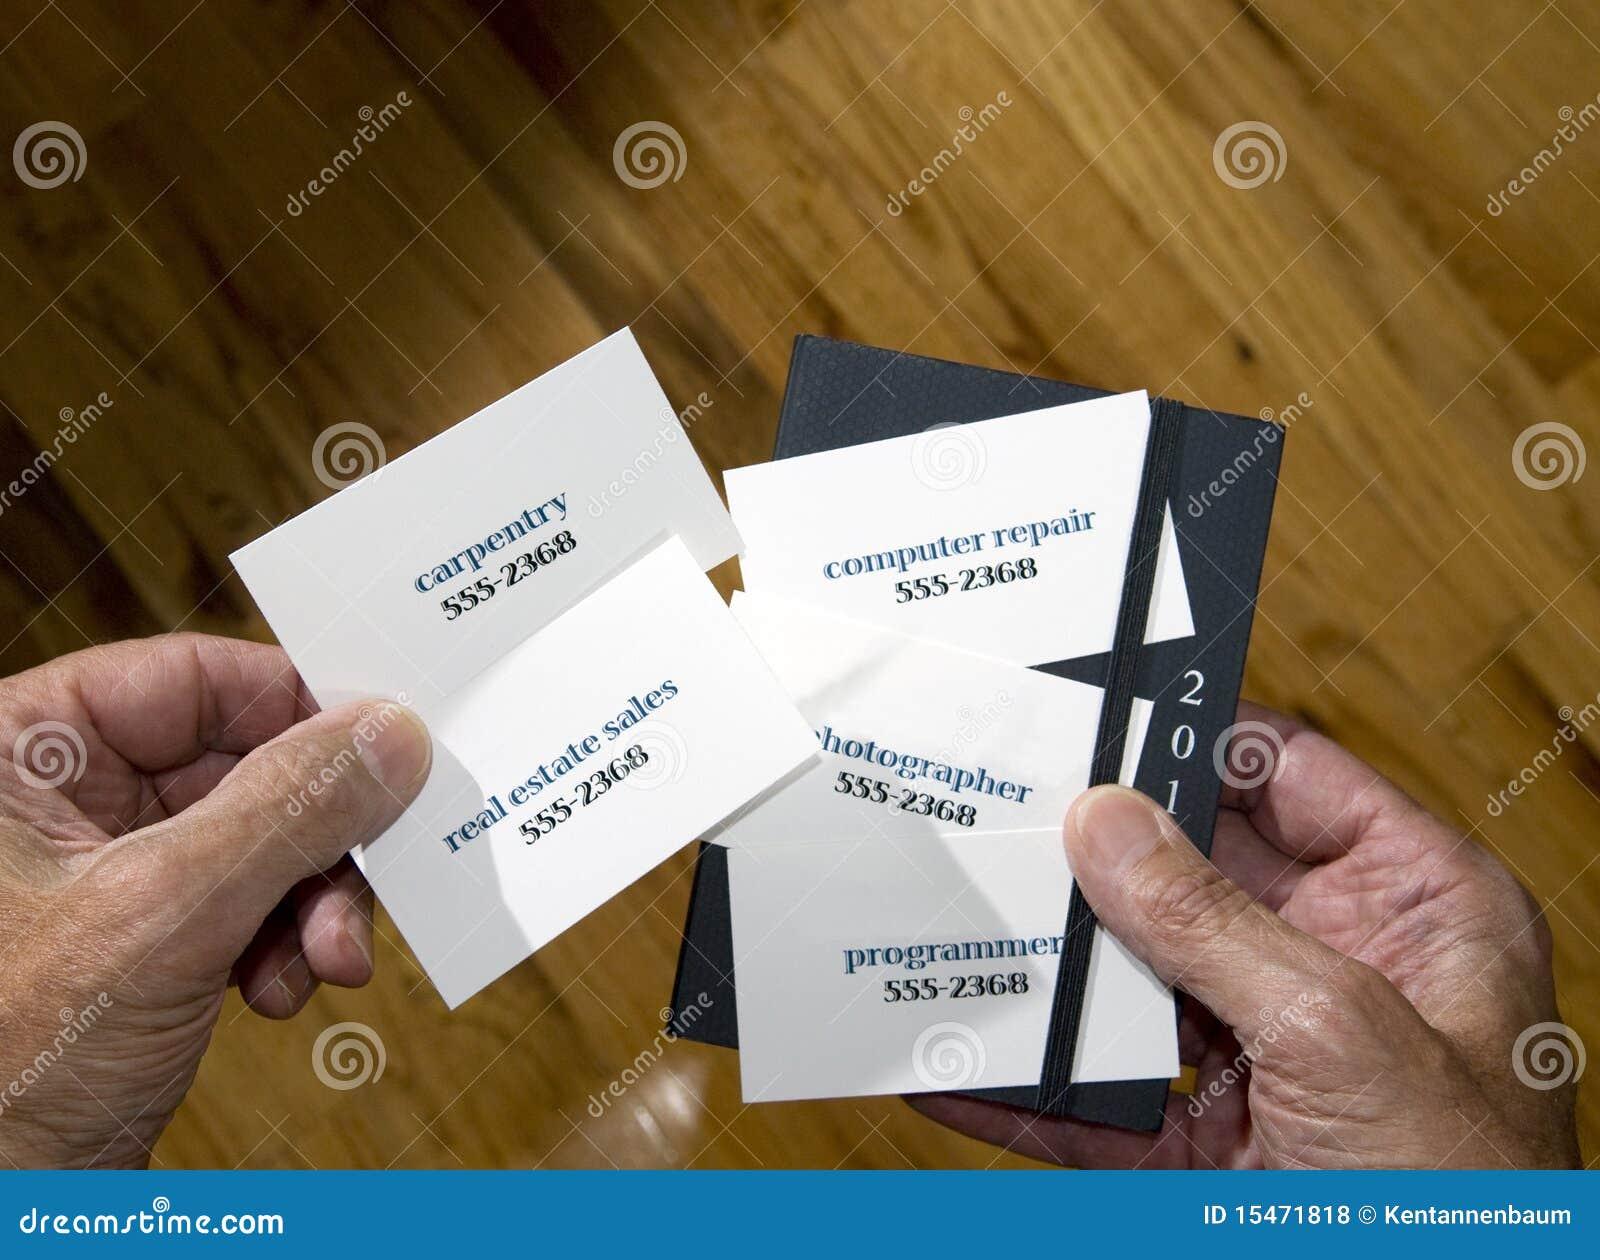 Plan Rapproche Des Mains Retenant Les Cartes De Visite Professionnelle Multiples Avec Professions Diverses